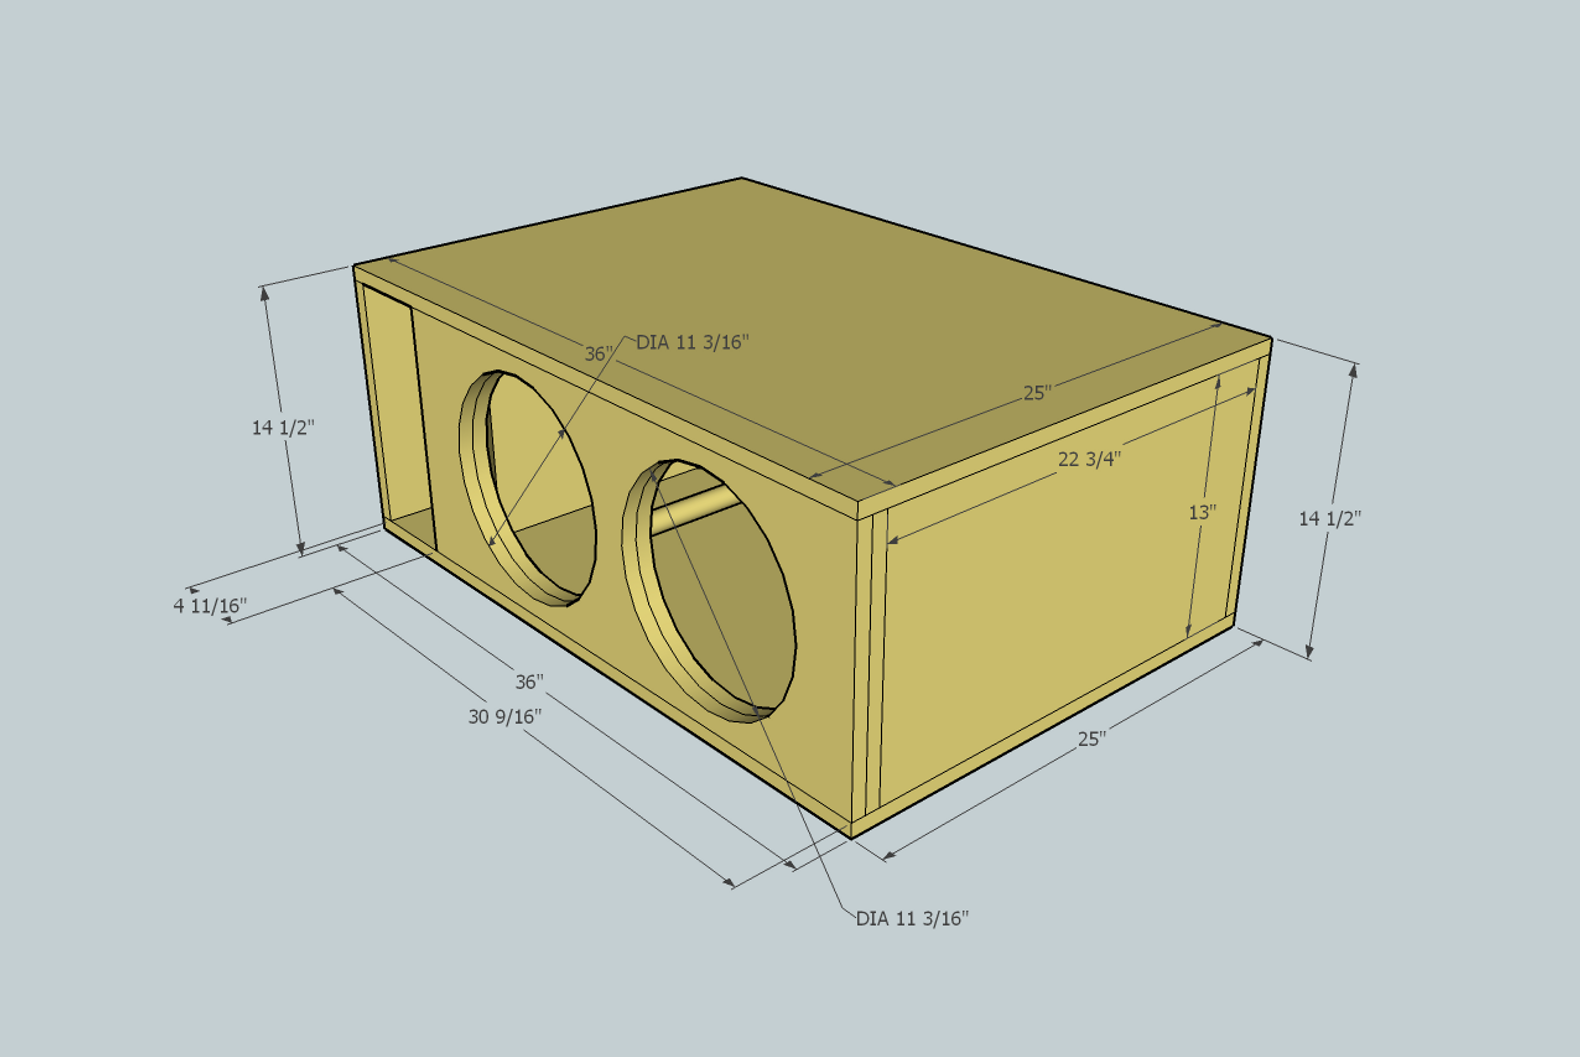 1 Woofer Enclosure Design